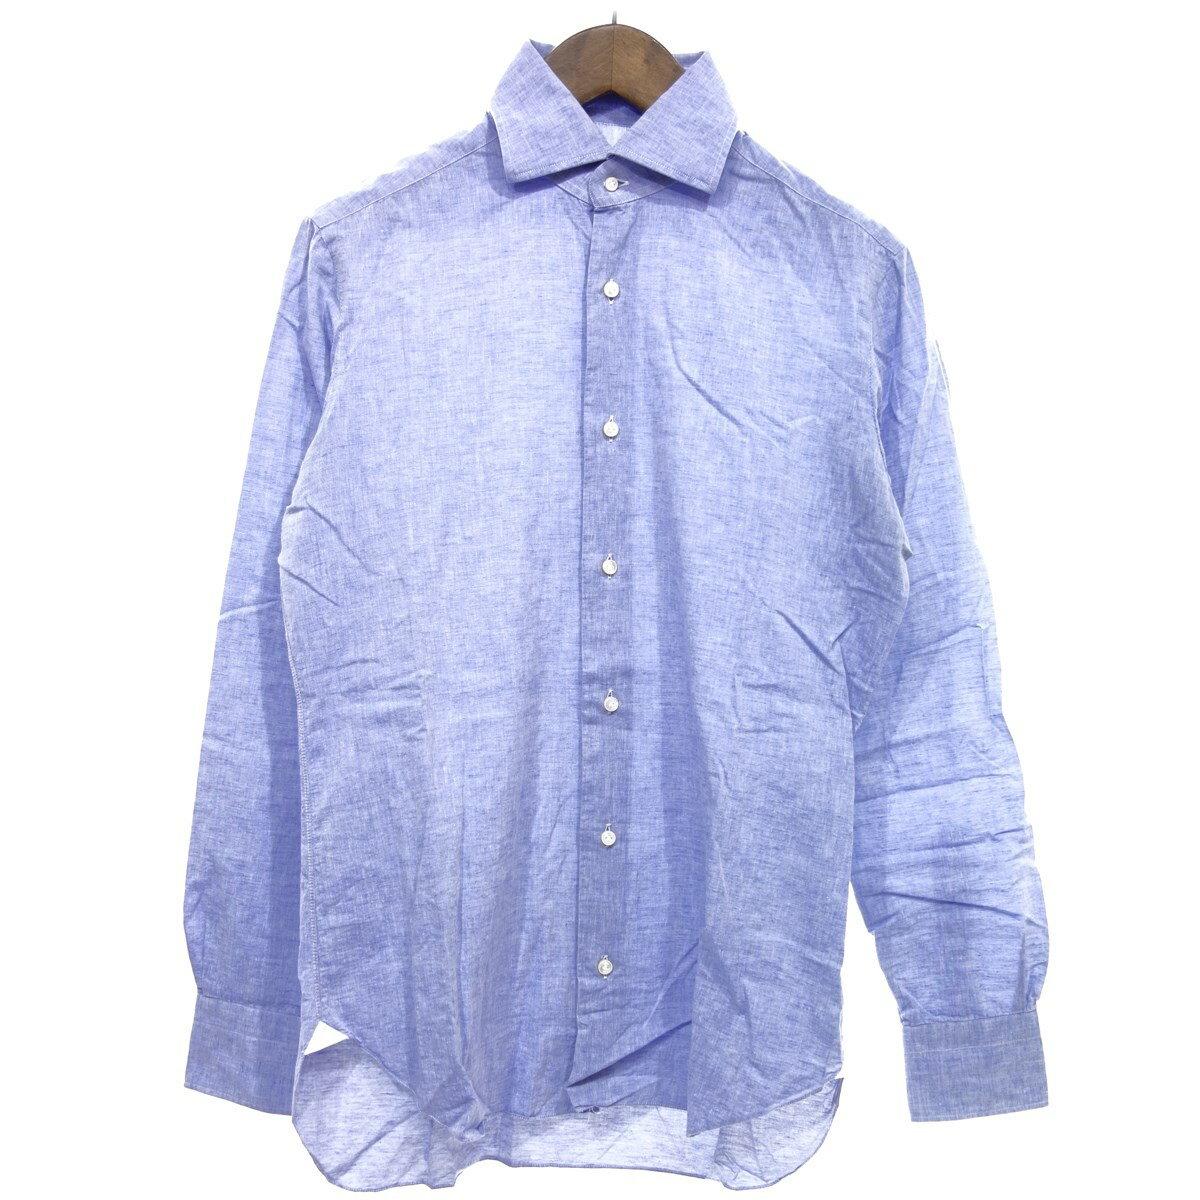 トップス, カジュアルシャツ BARBA 37 14 12 270320